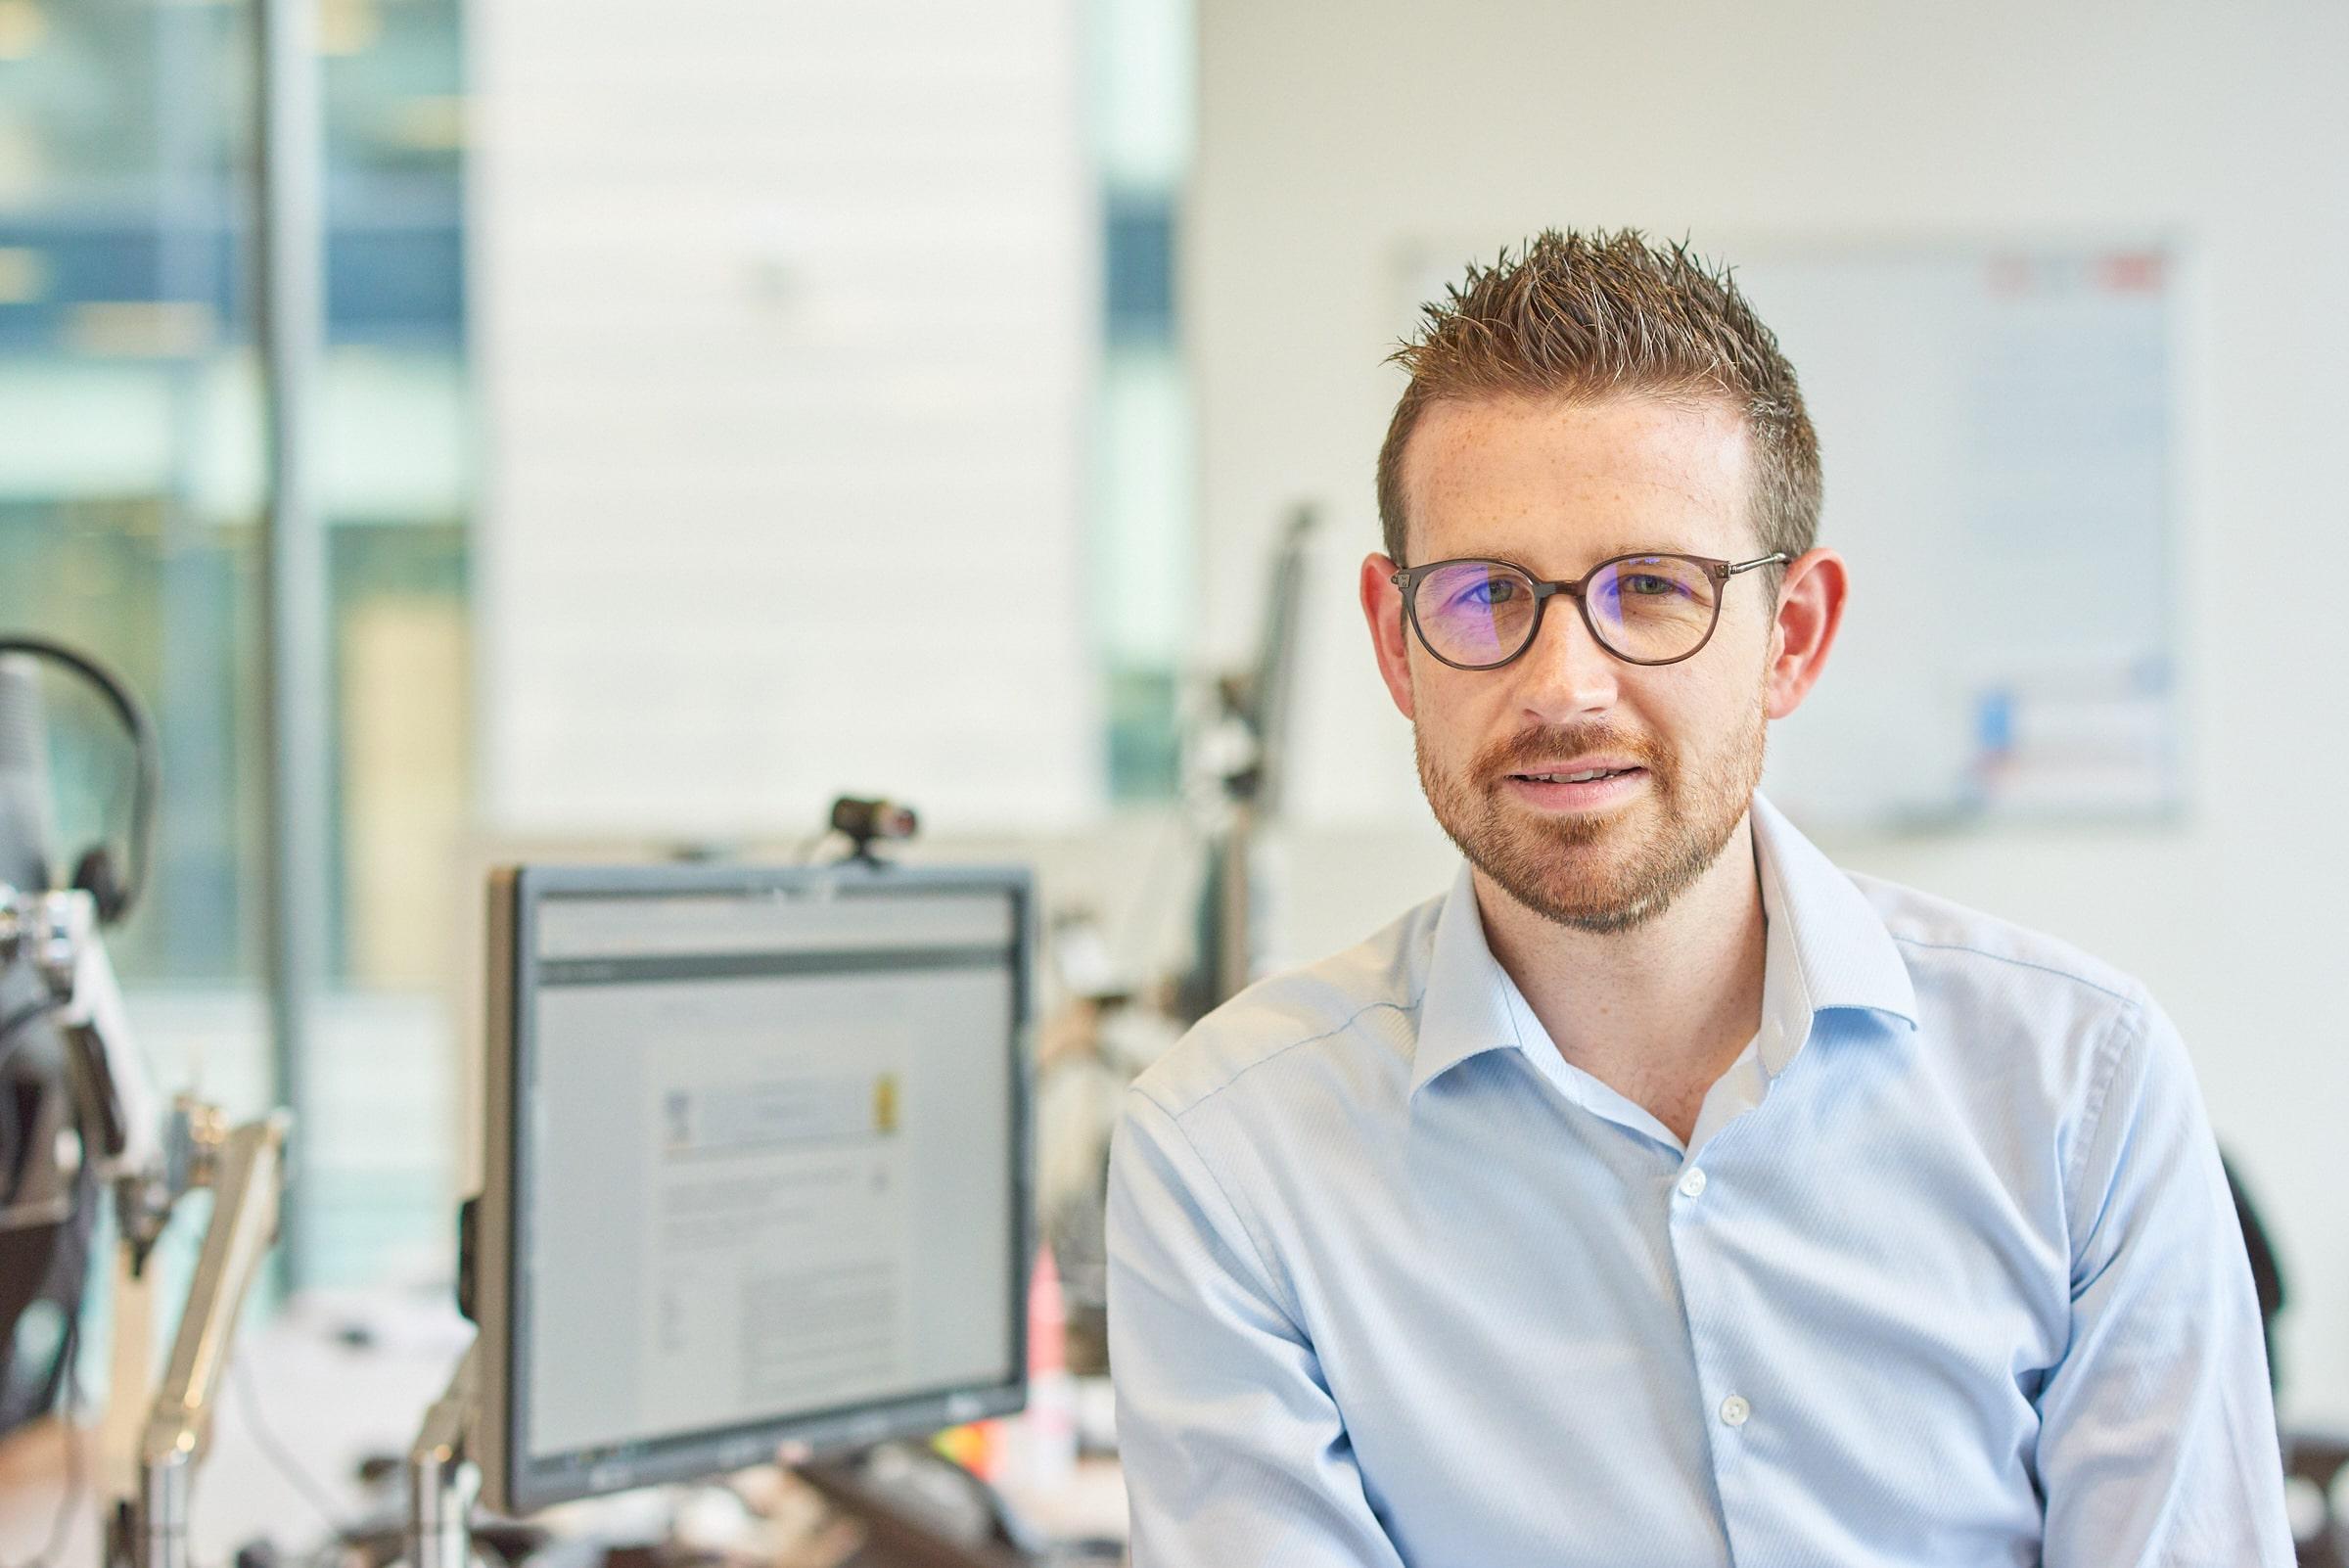 Dr Grant O'Connell ansvarig för skademinimerande forskning på Imperial Brands.